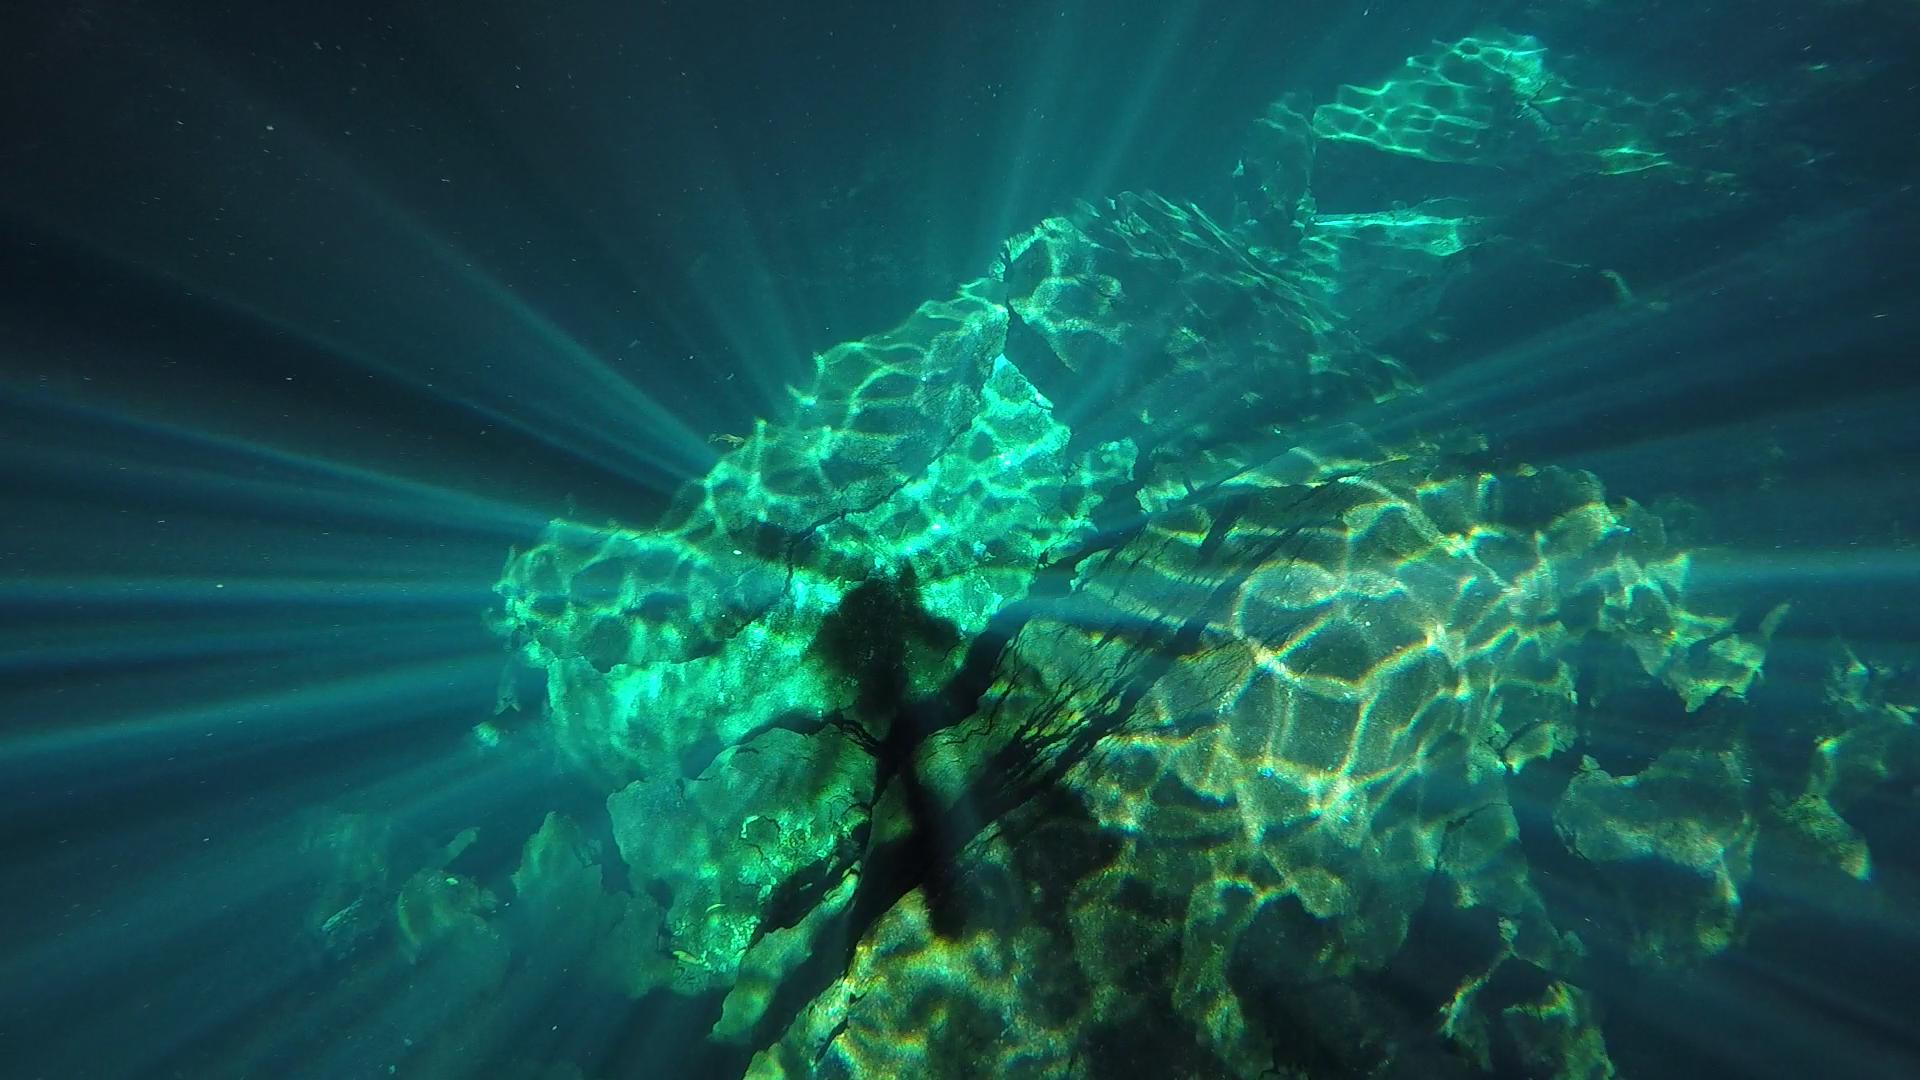 reflejos de luz en el agua